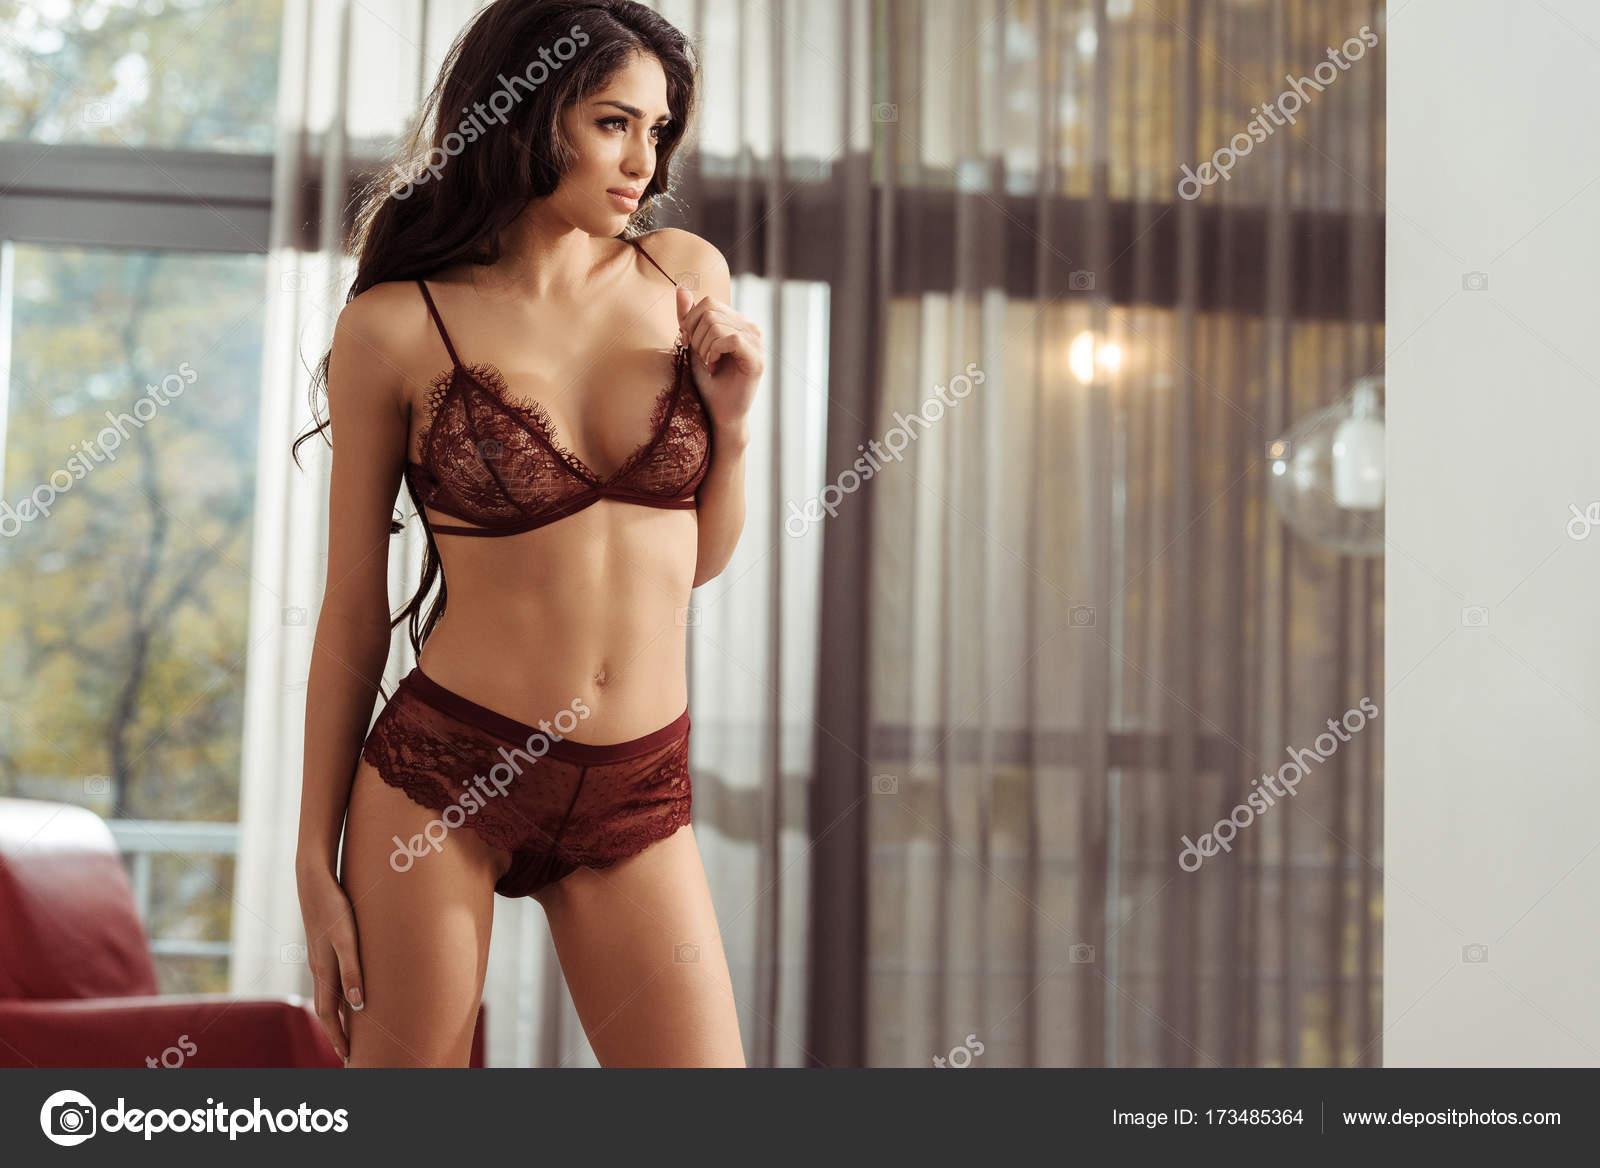 σέξι φωτογραφία ενός κοριτσιού παχουλός πορνό Milf